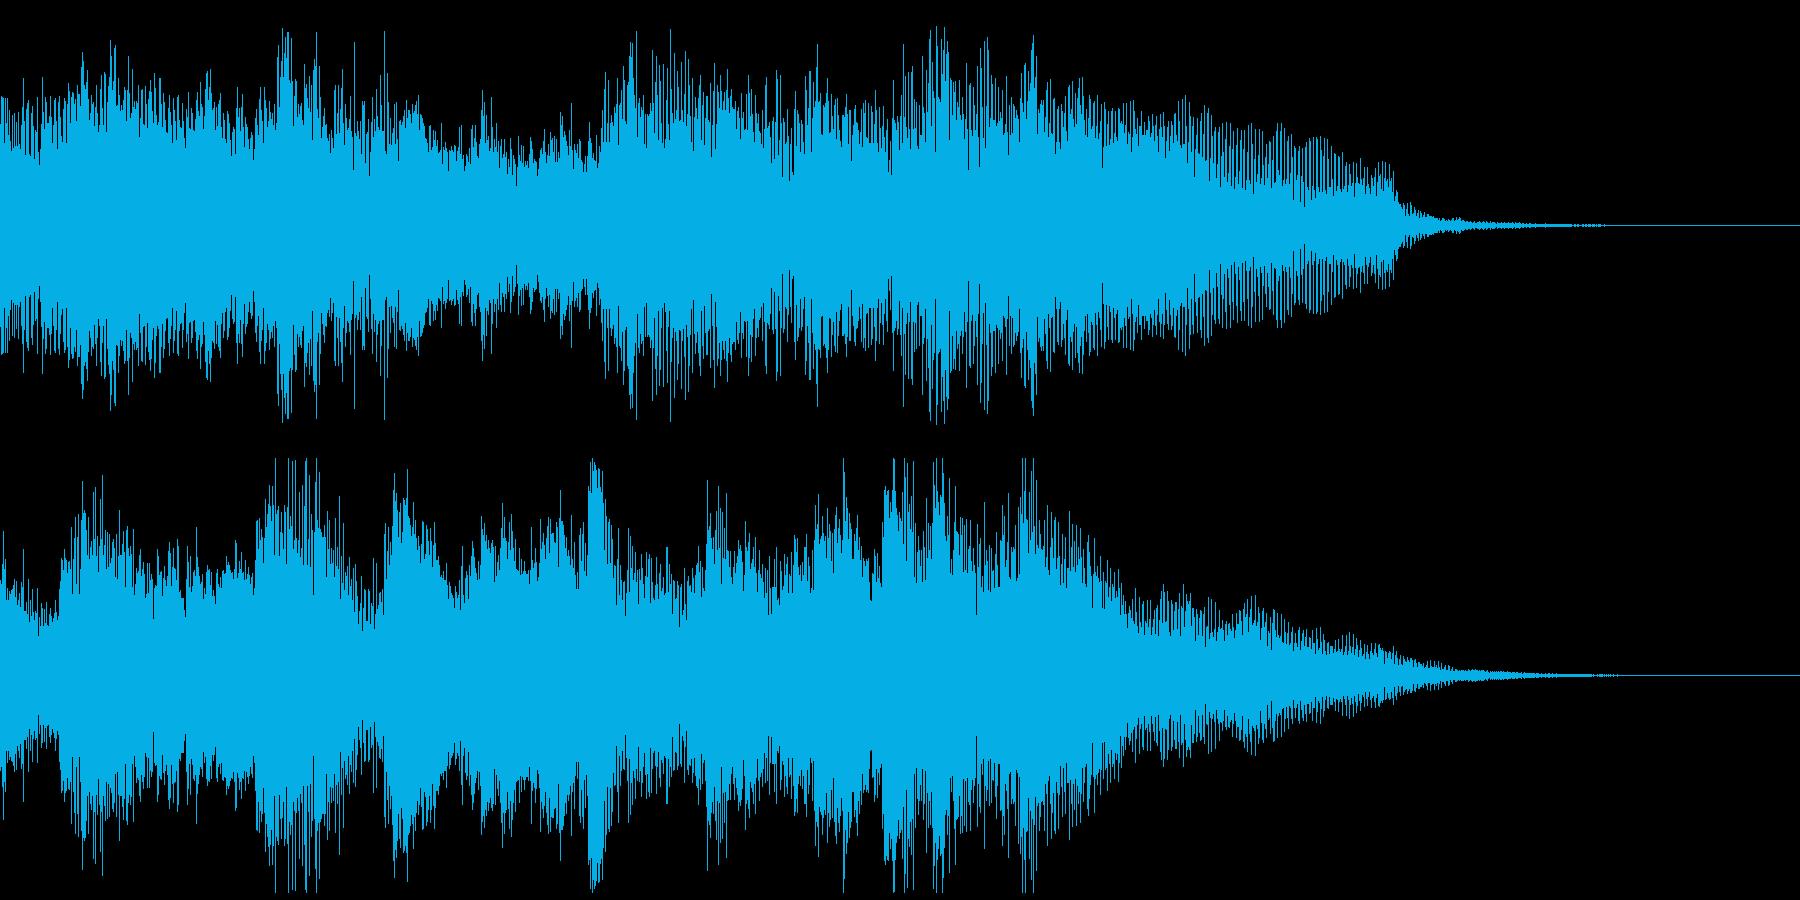 高速アルペジオが華麗なピアノのジングルの再生済みの波形